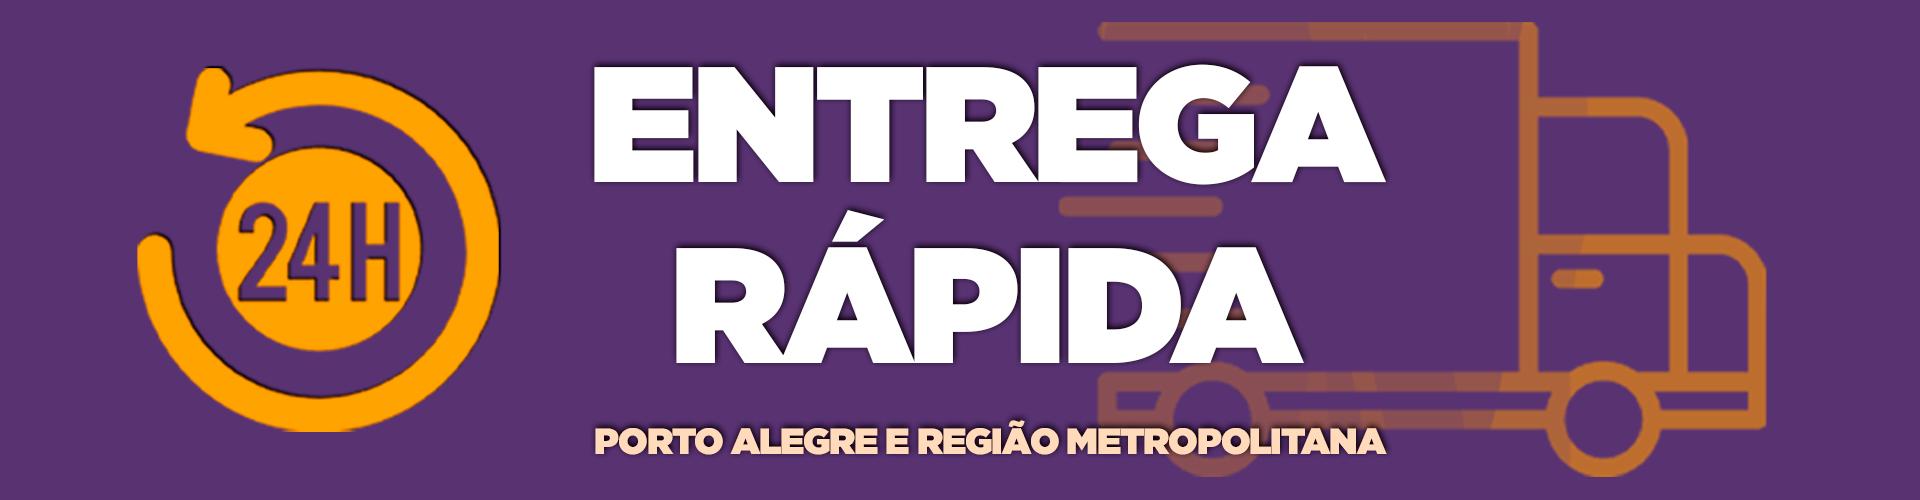 Banner Entrega Rápida